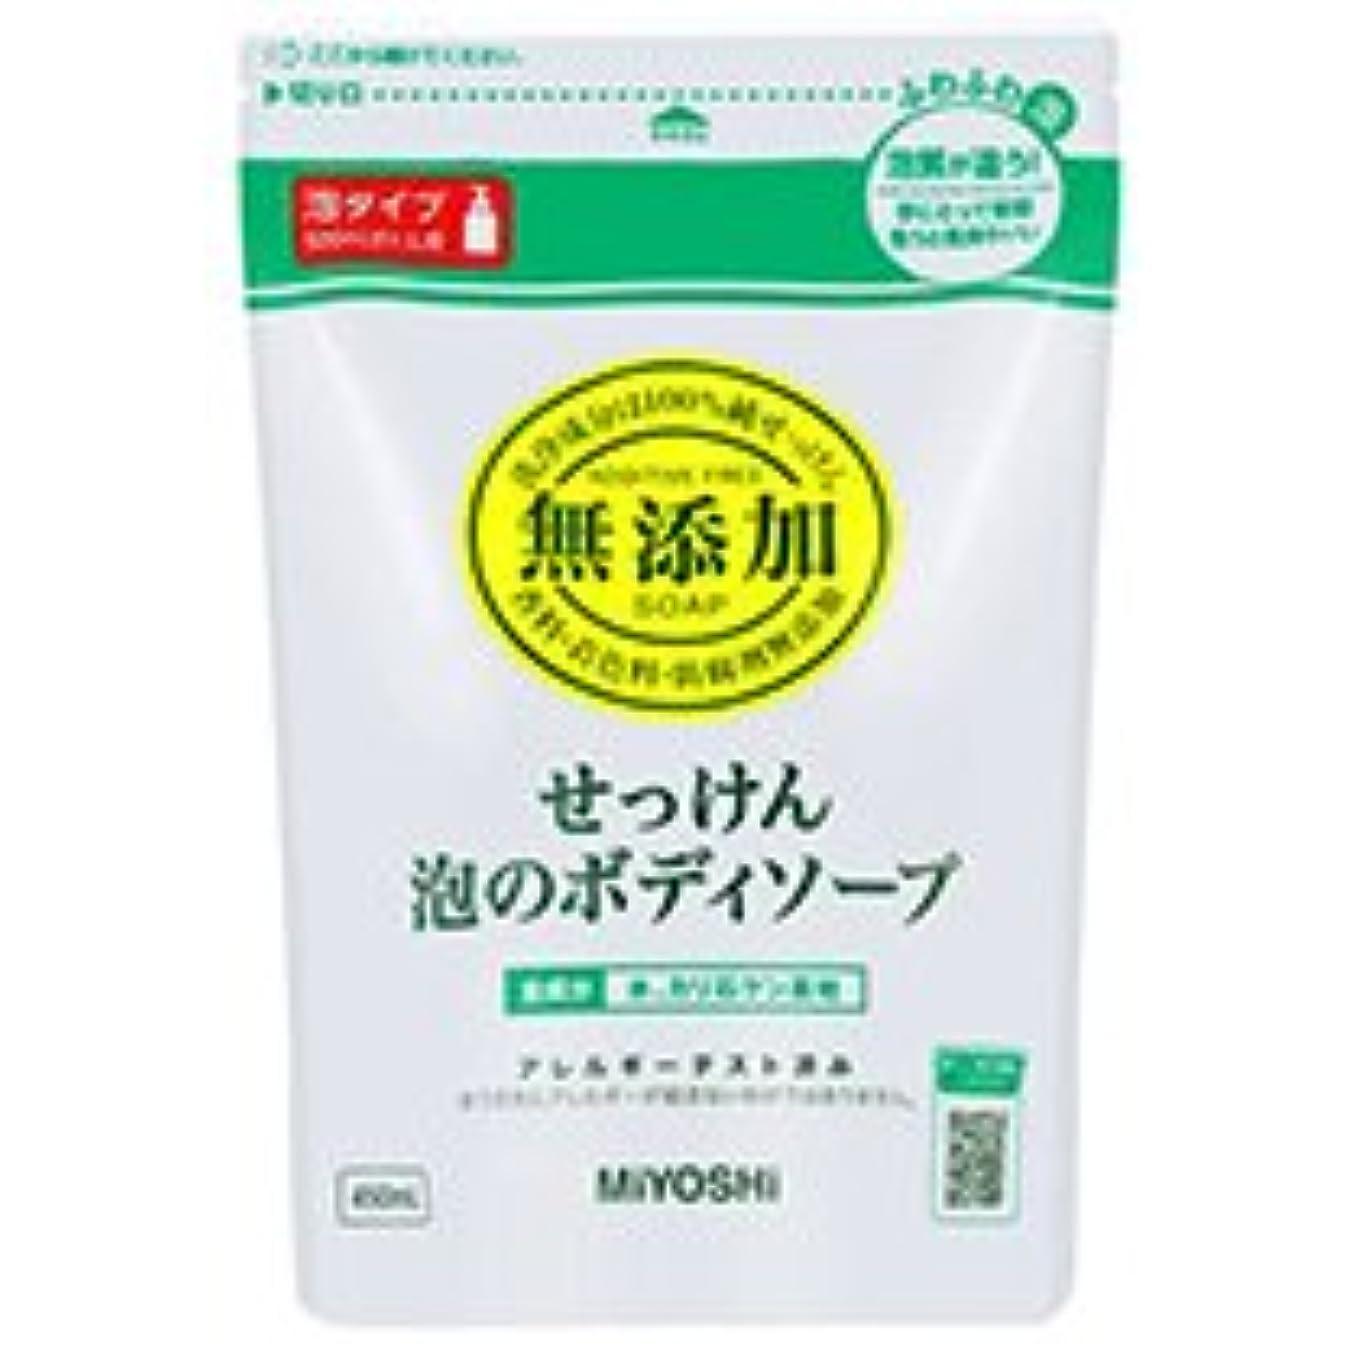 似ている敬意を表する積分ミヨシ石鹸 無添加せっけん 泡のボディソープ 詰替用 450ml 1個